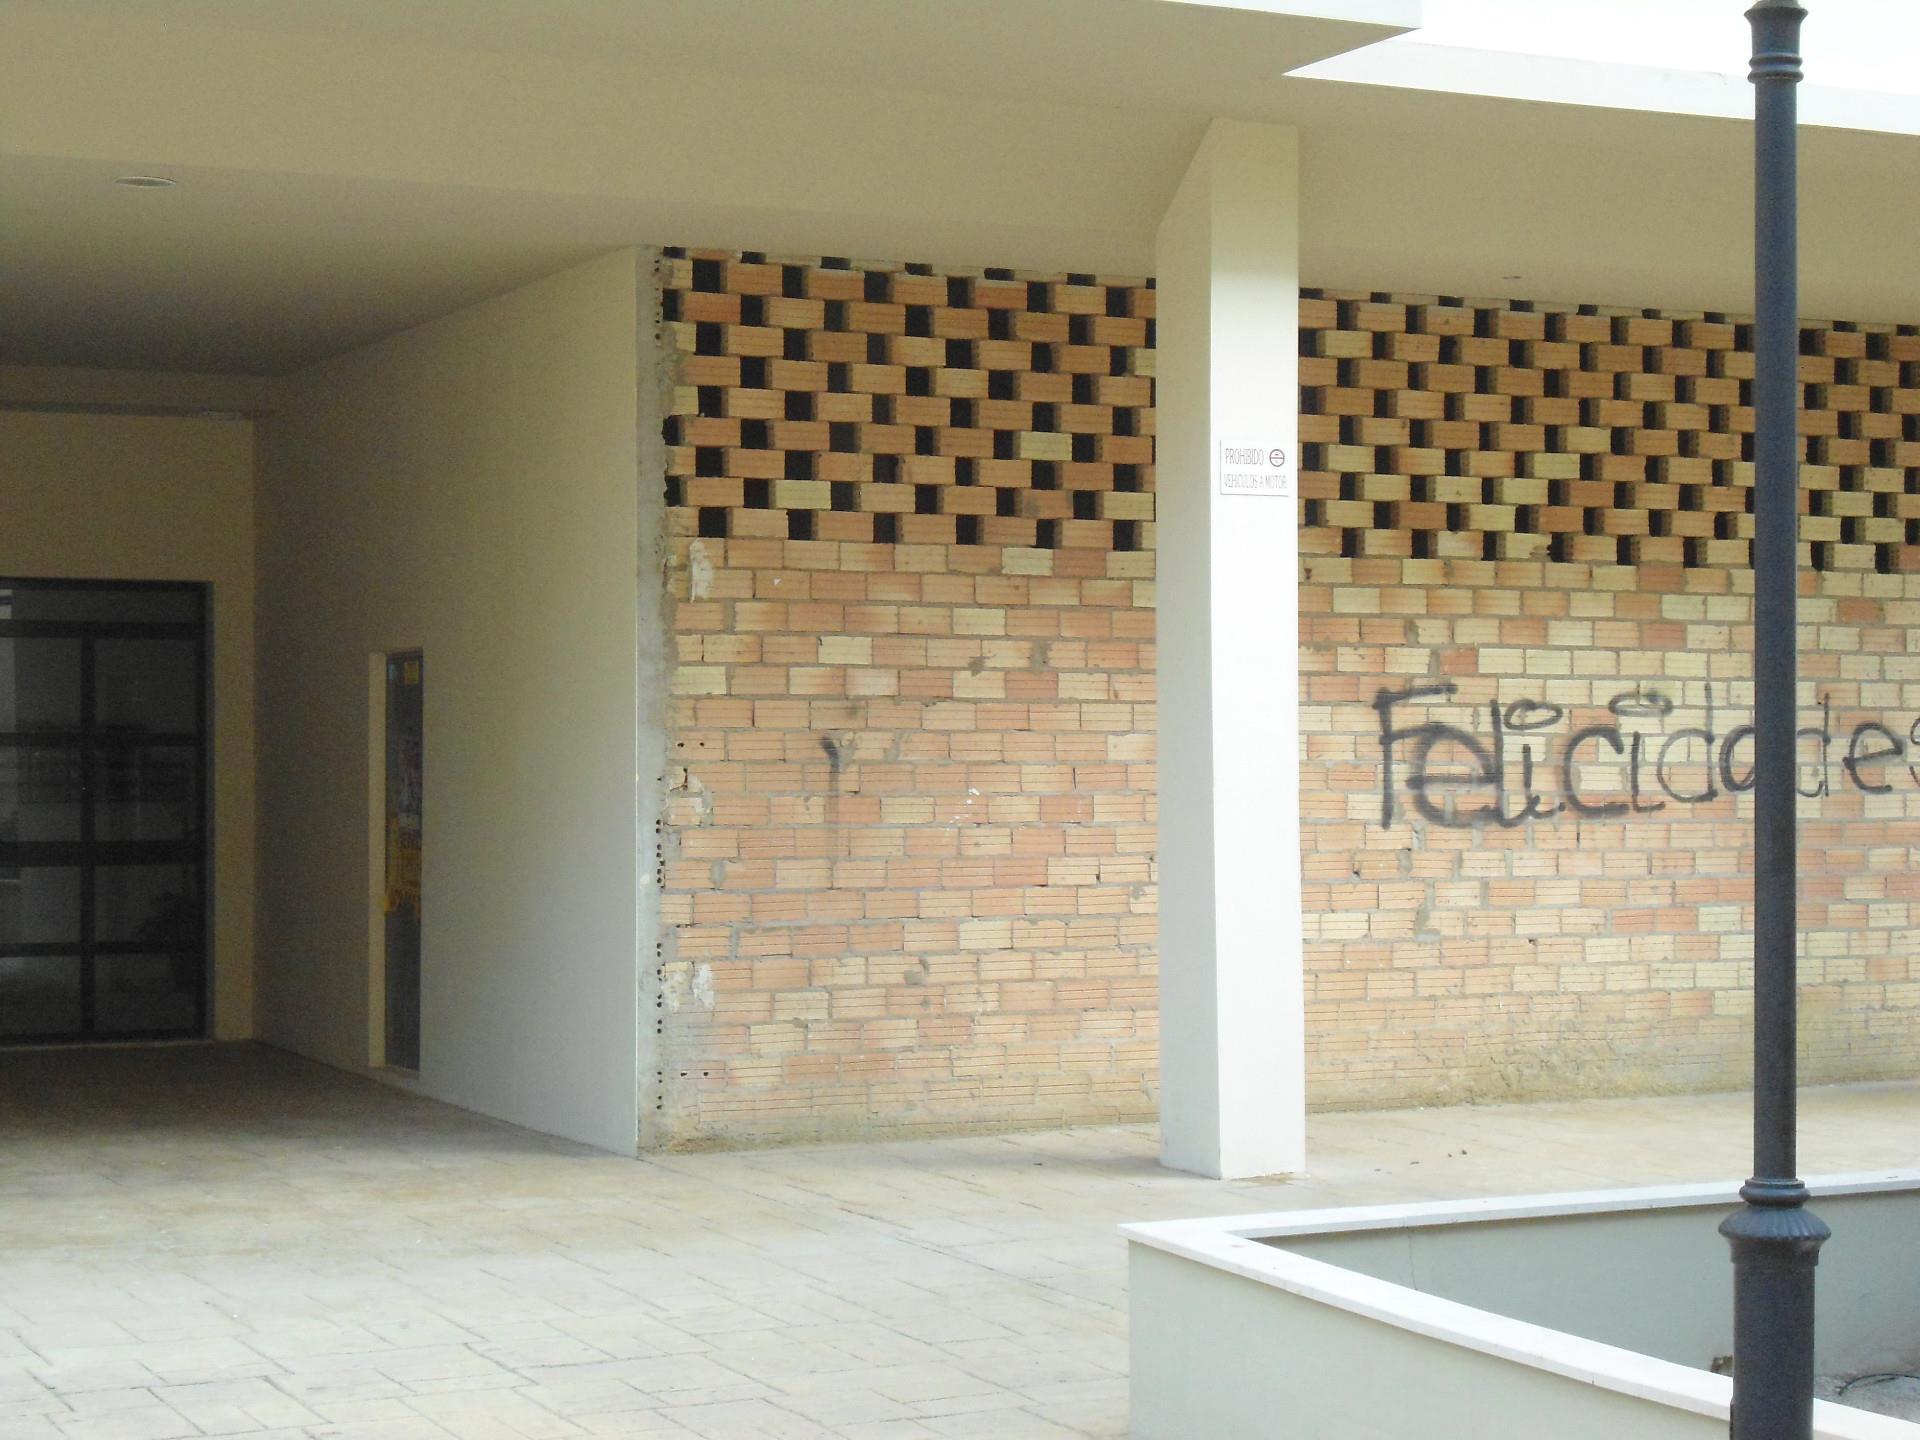 Local de alquiler en Avenida José Maria Fernández, 1 Zona Fuentemora (Antequera, Málaga)